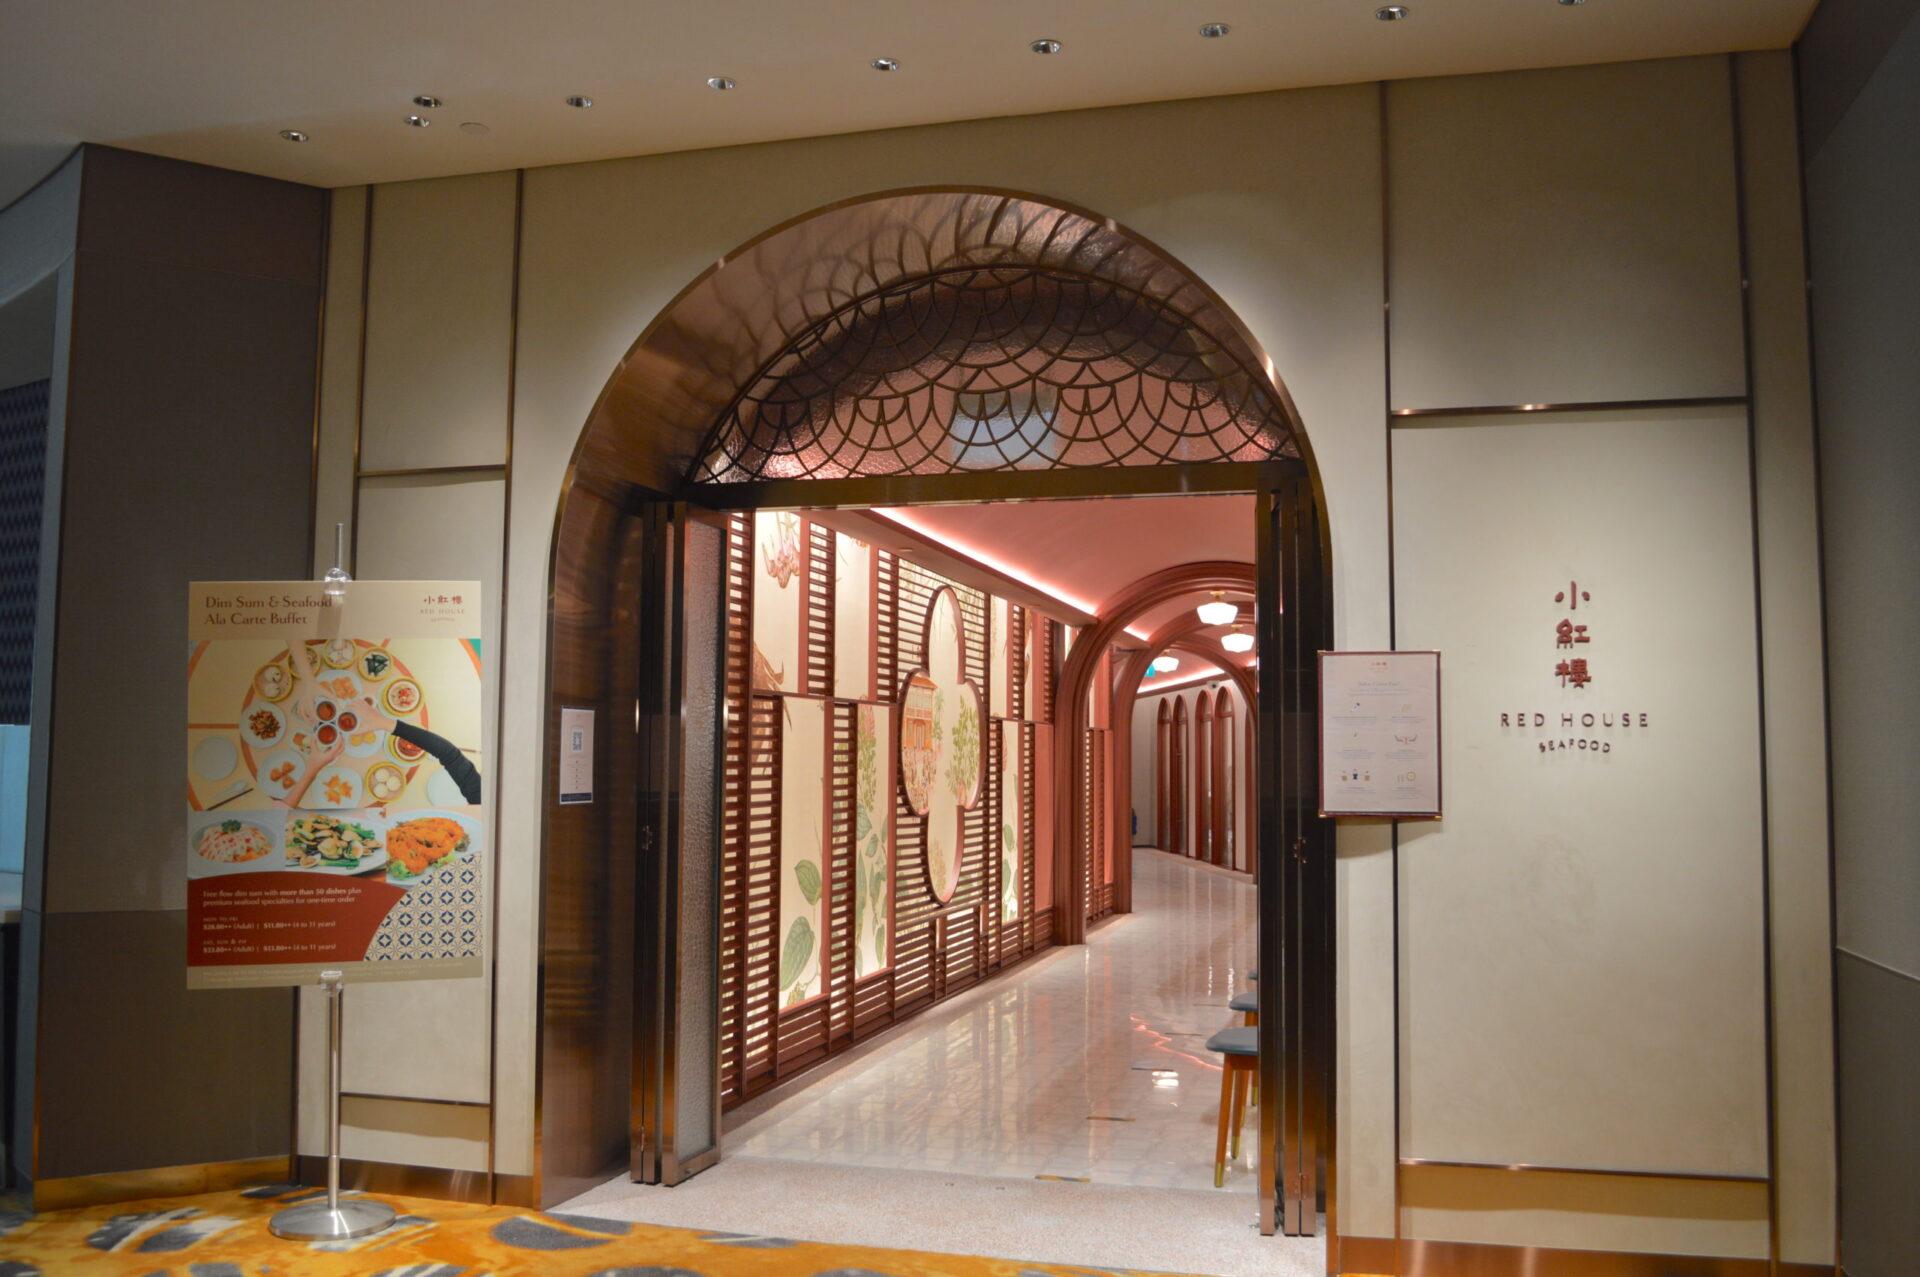 シンガポールの老舗・中華シーフード店で楽しむ飲茶ビュッフェ チリクラブとバンブーシェルは注文必須